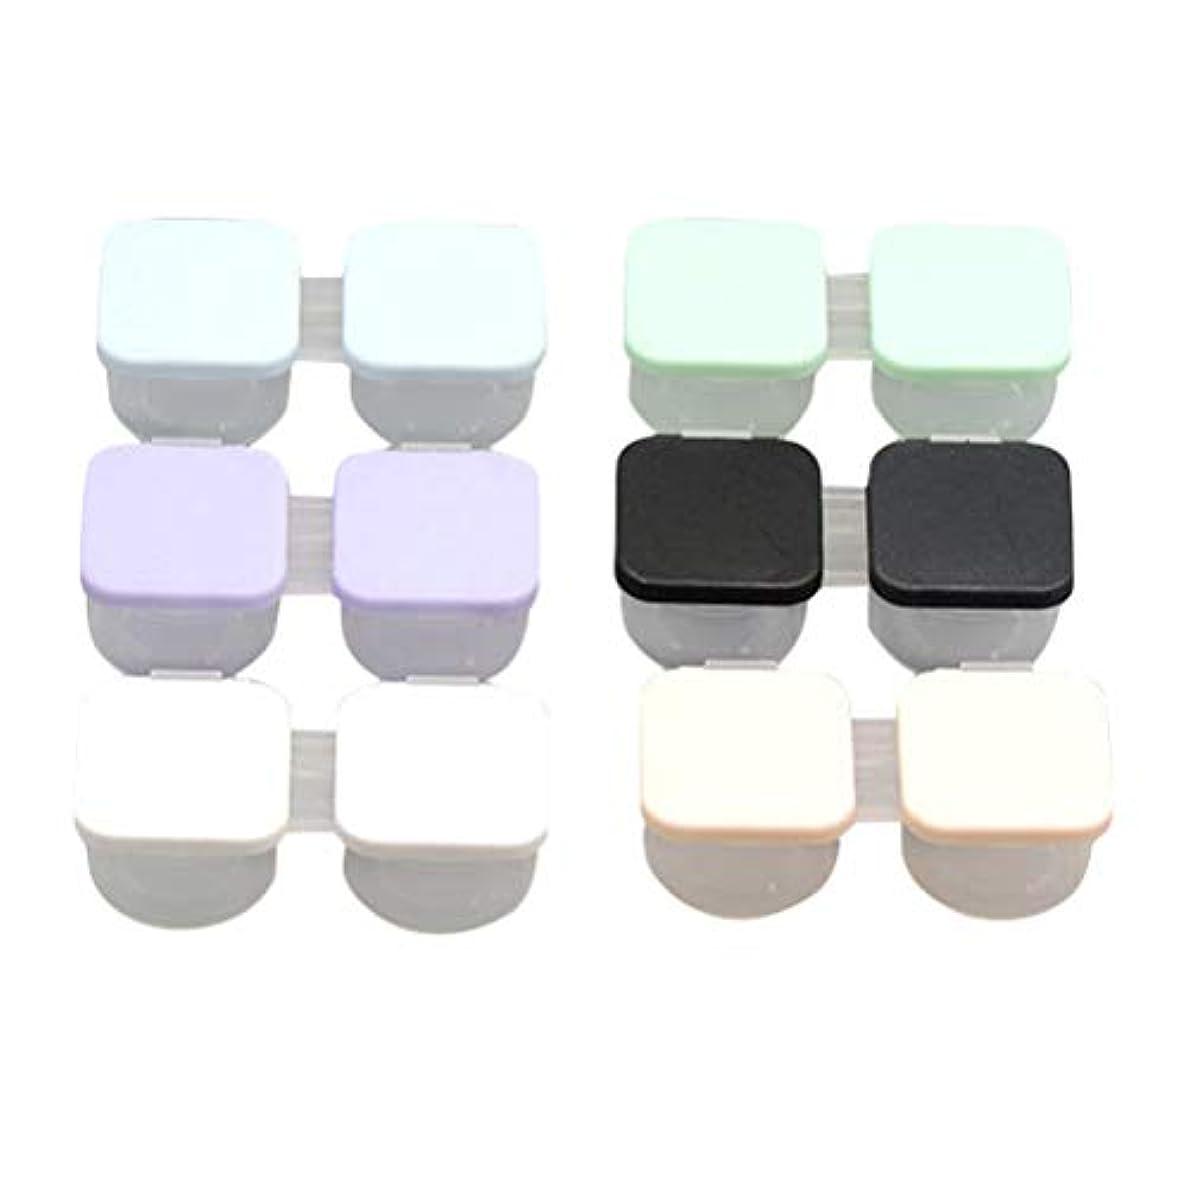 気づく美容師橋SUPVOX コンタクトケース ケアパレット 保存ケース プラスチック製 軽量 安全6個入(混色)